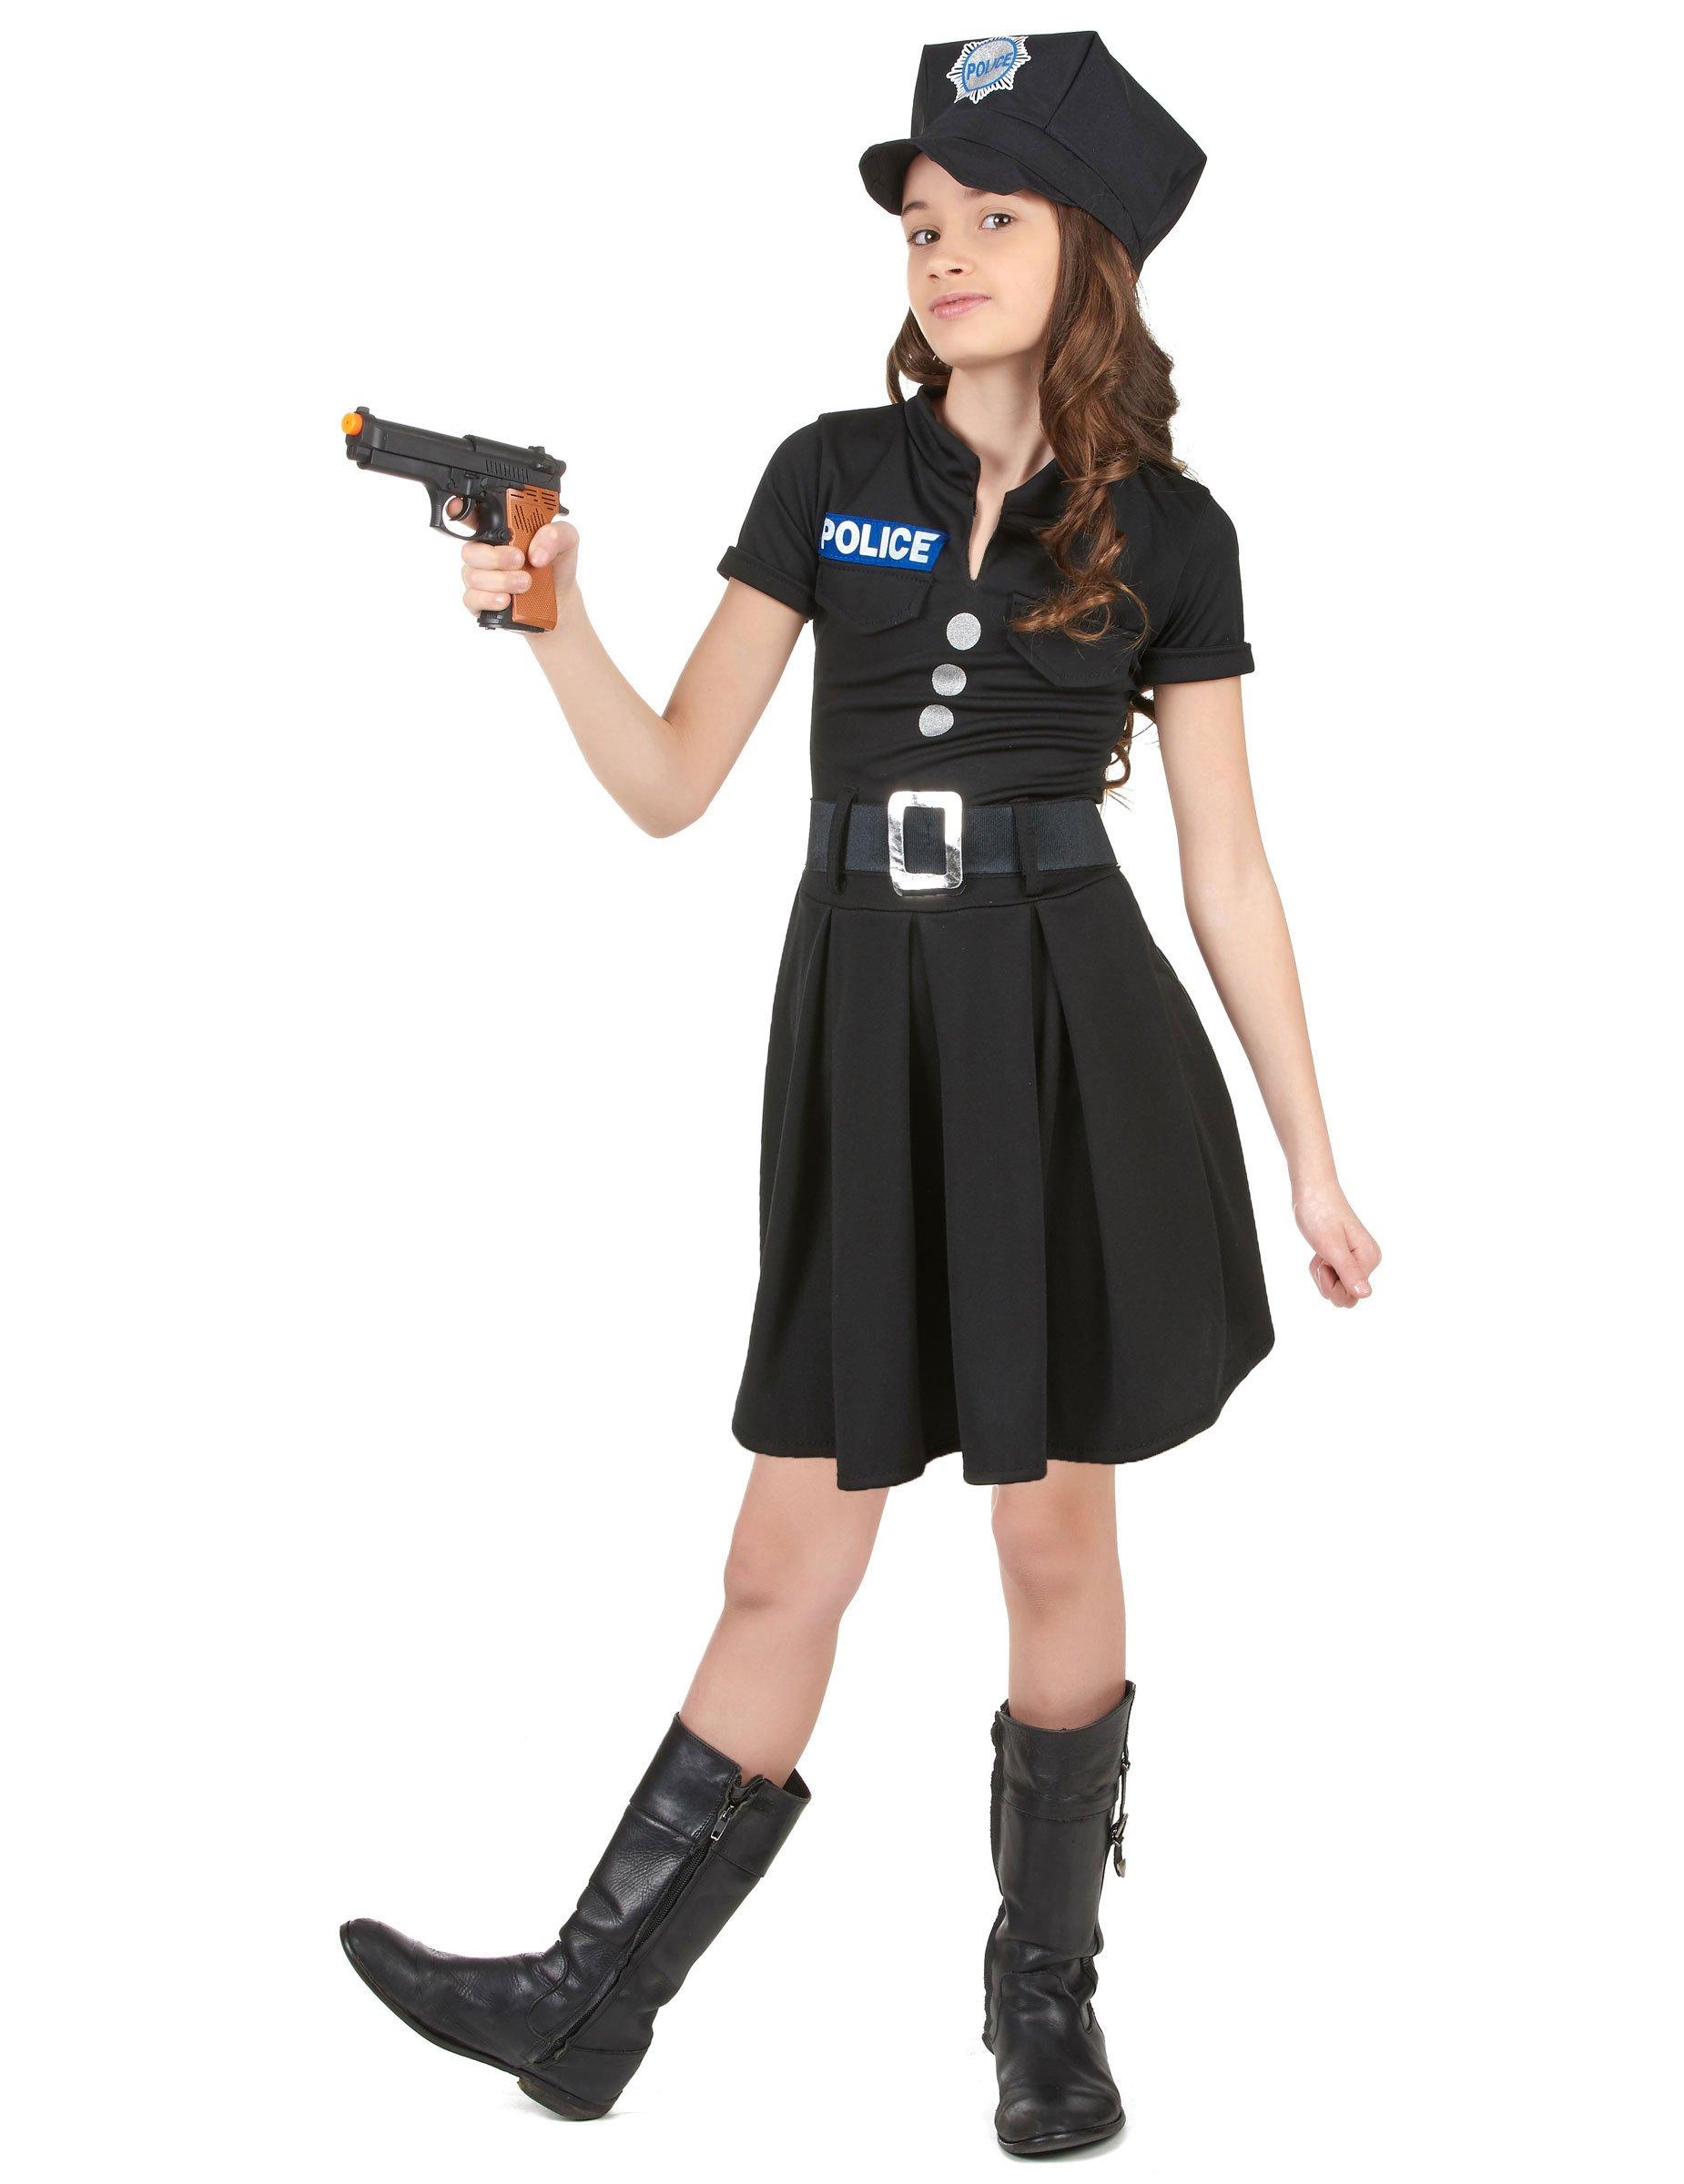 Kleine Polizistin Kinderkostum Politesse Schwarz Silber Gunstige